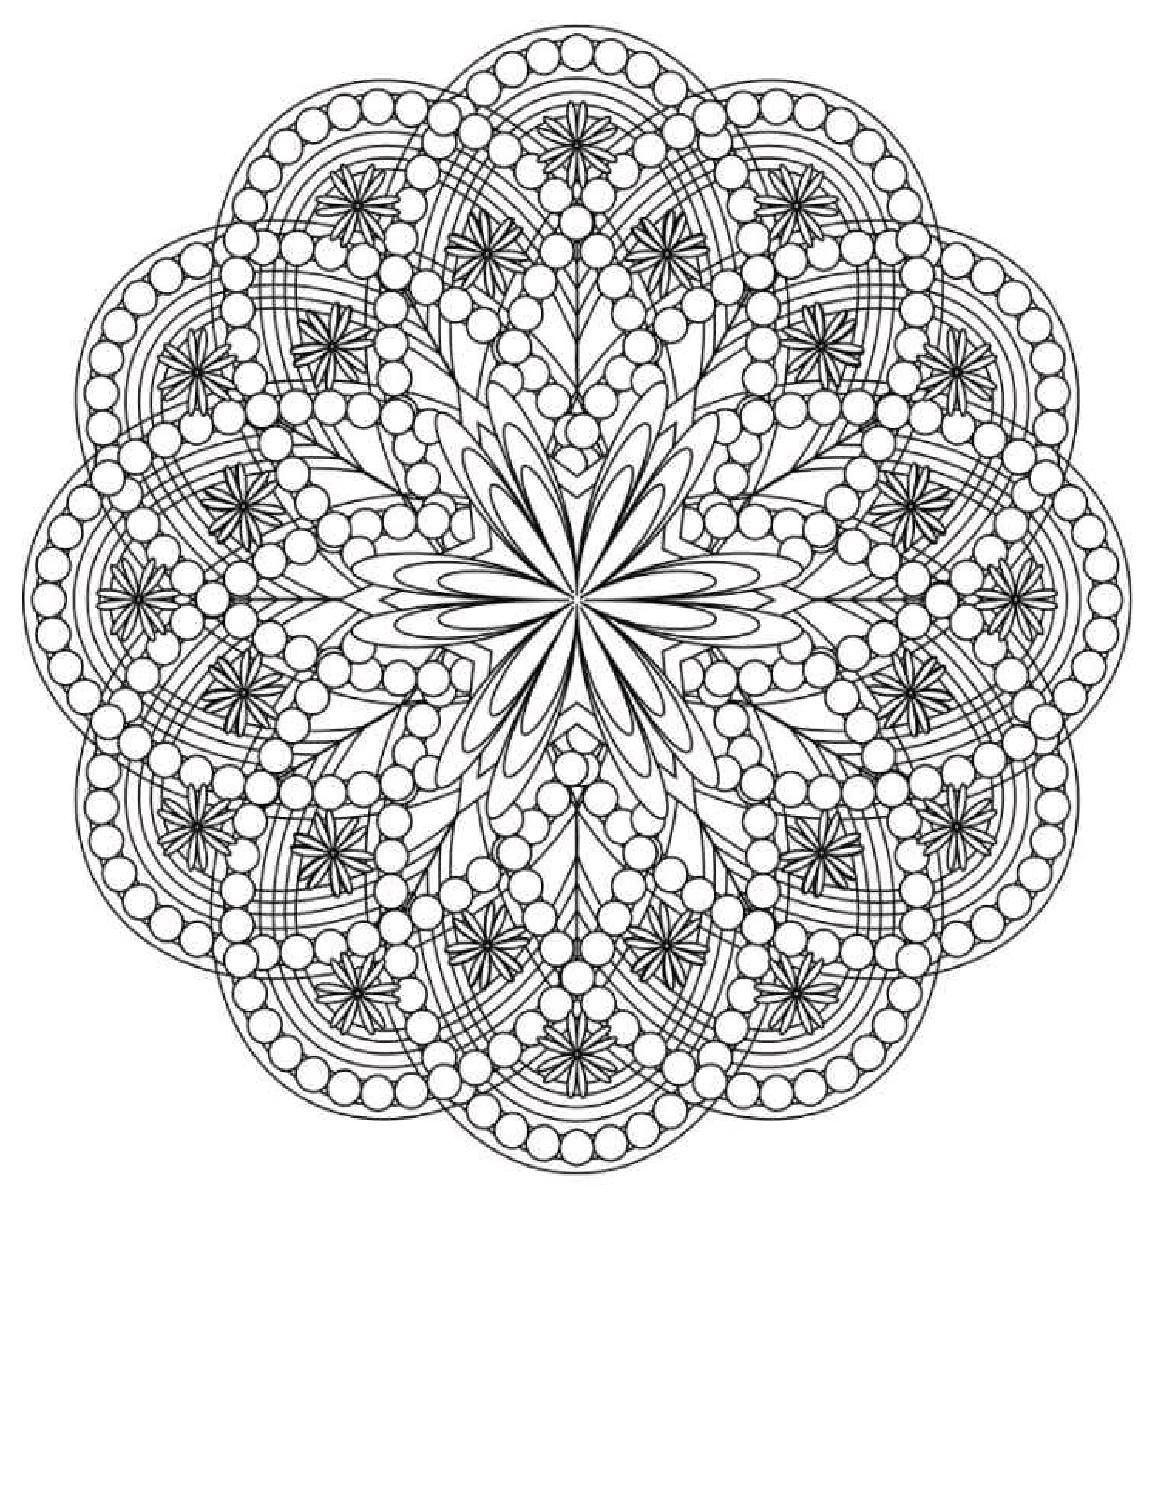 Relexation Coloring Mandalas Mindful Flowercoloring Flower Mandalas Coloring Flower Mandalas Mindful Relexationcoloring Malvorlagen Ausmalbilder Vorlagen